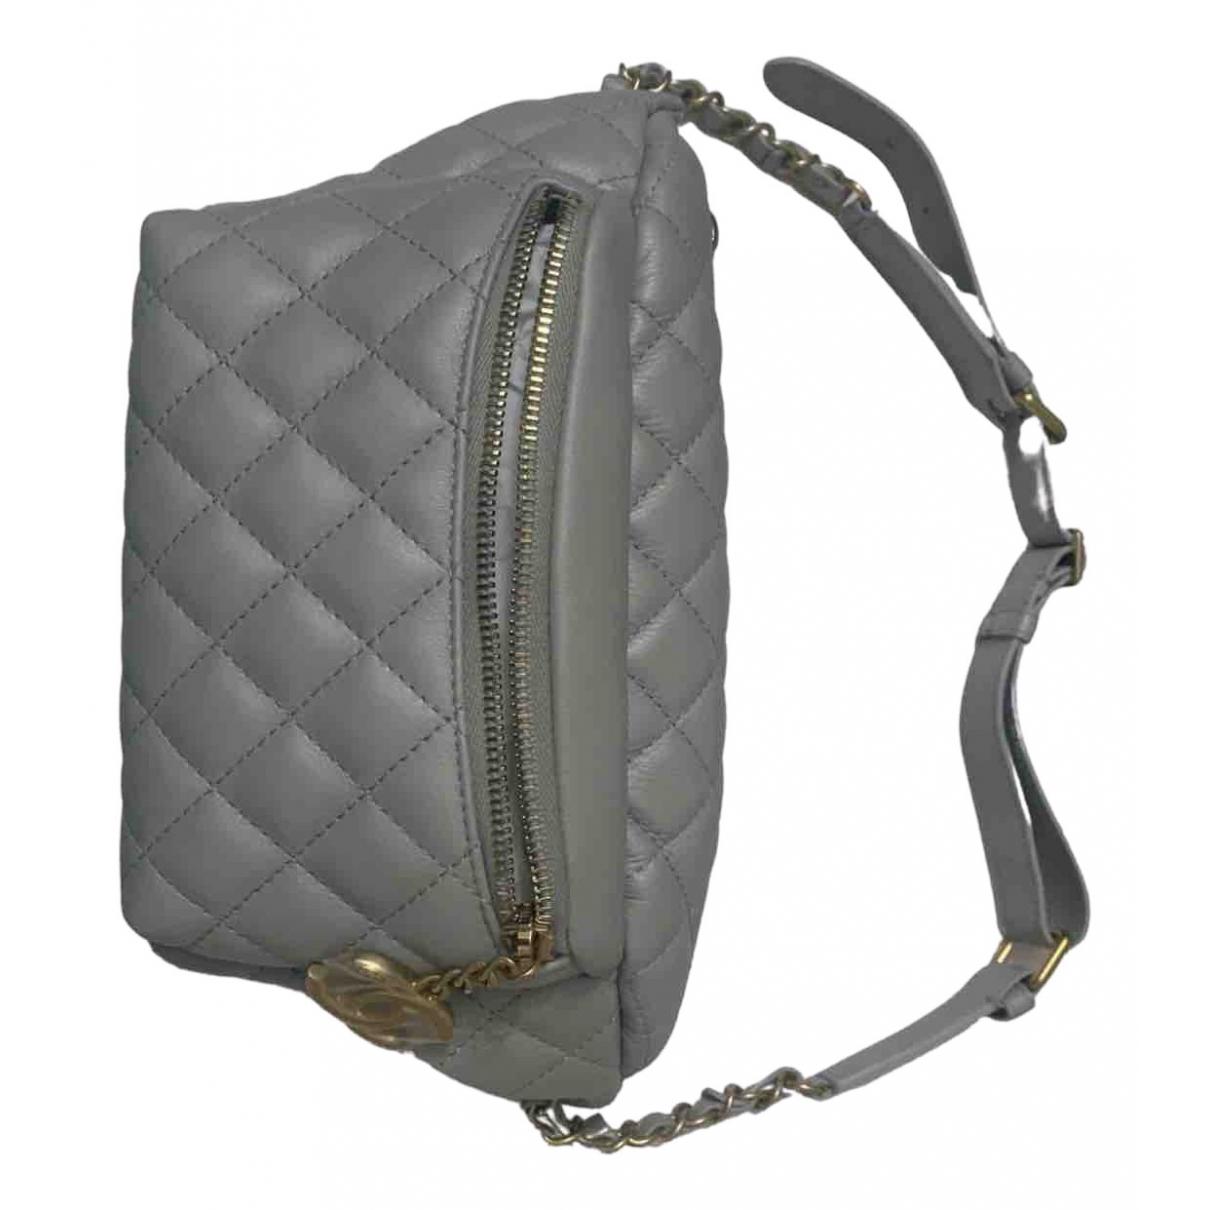 Chanel - Pochette   pour femme en cuir - gris